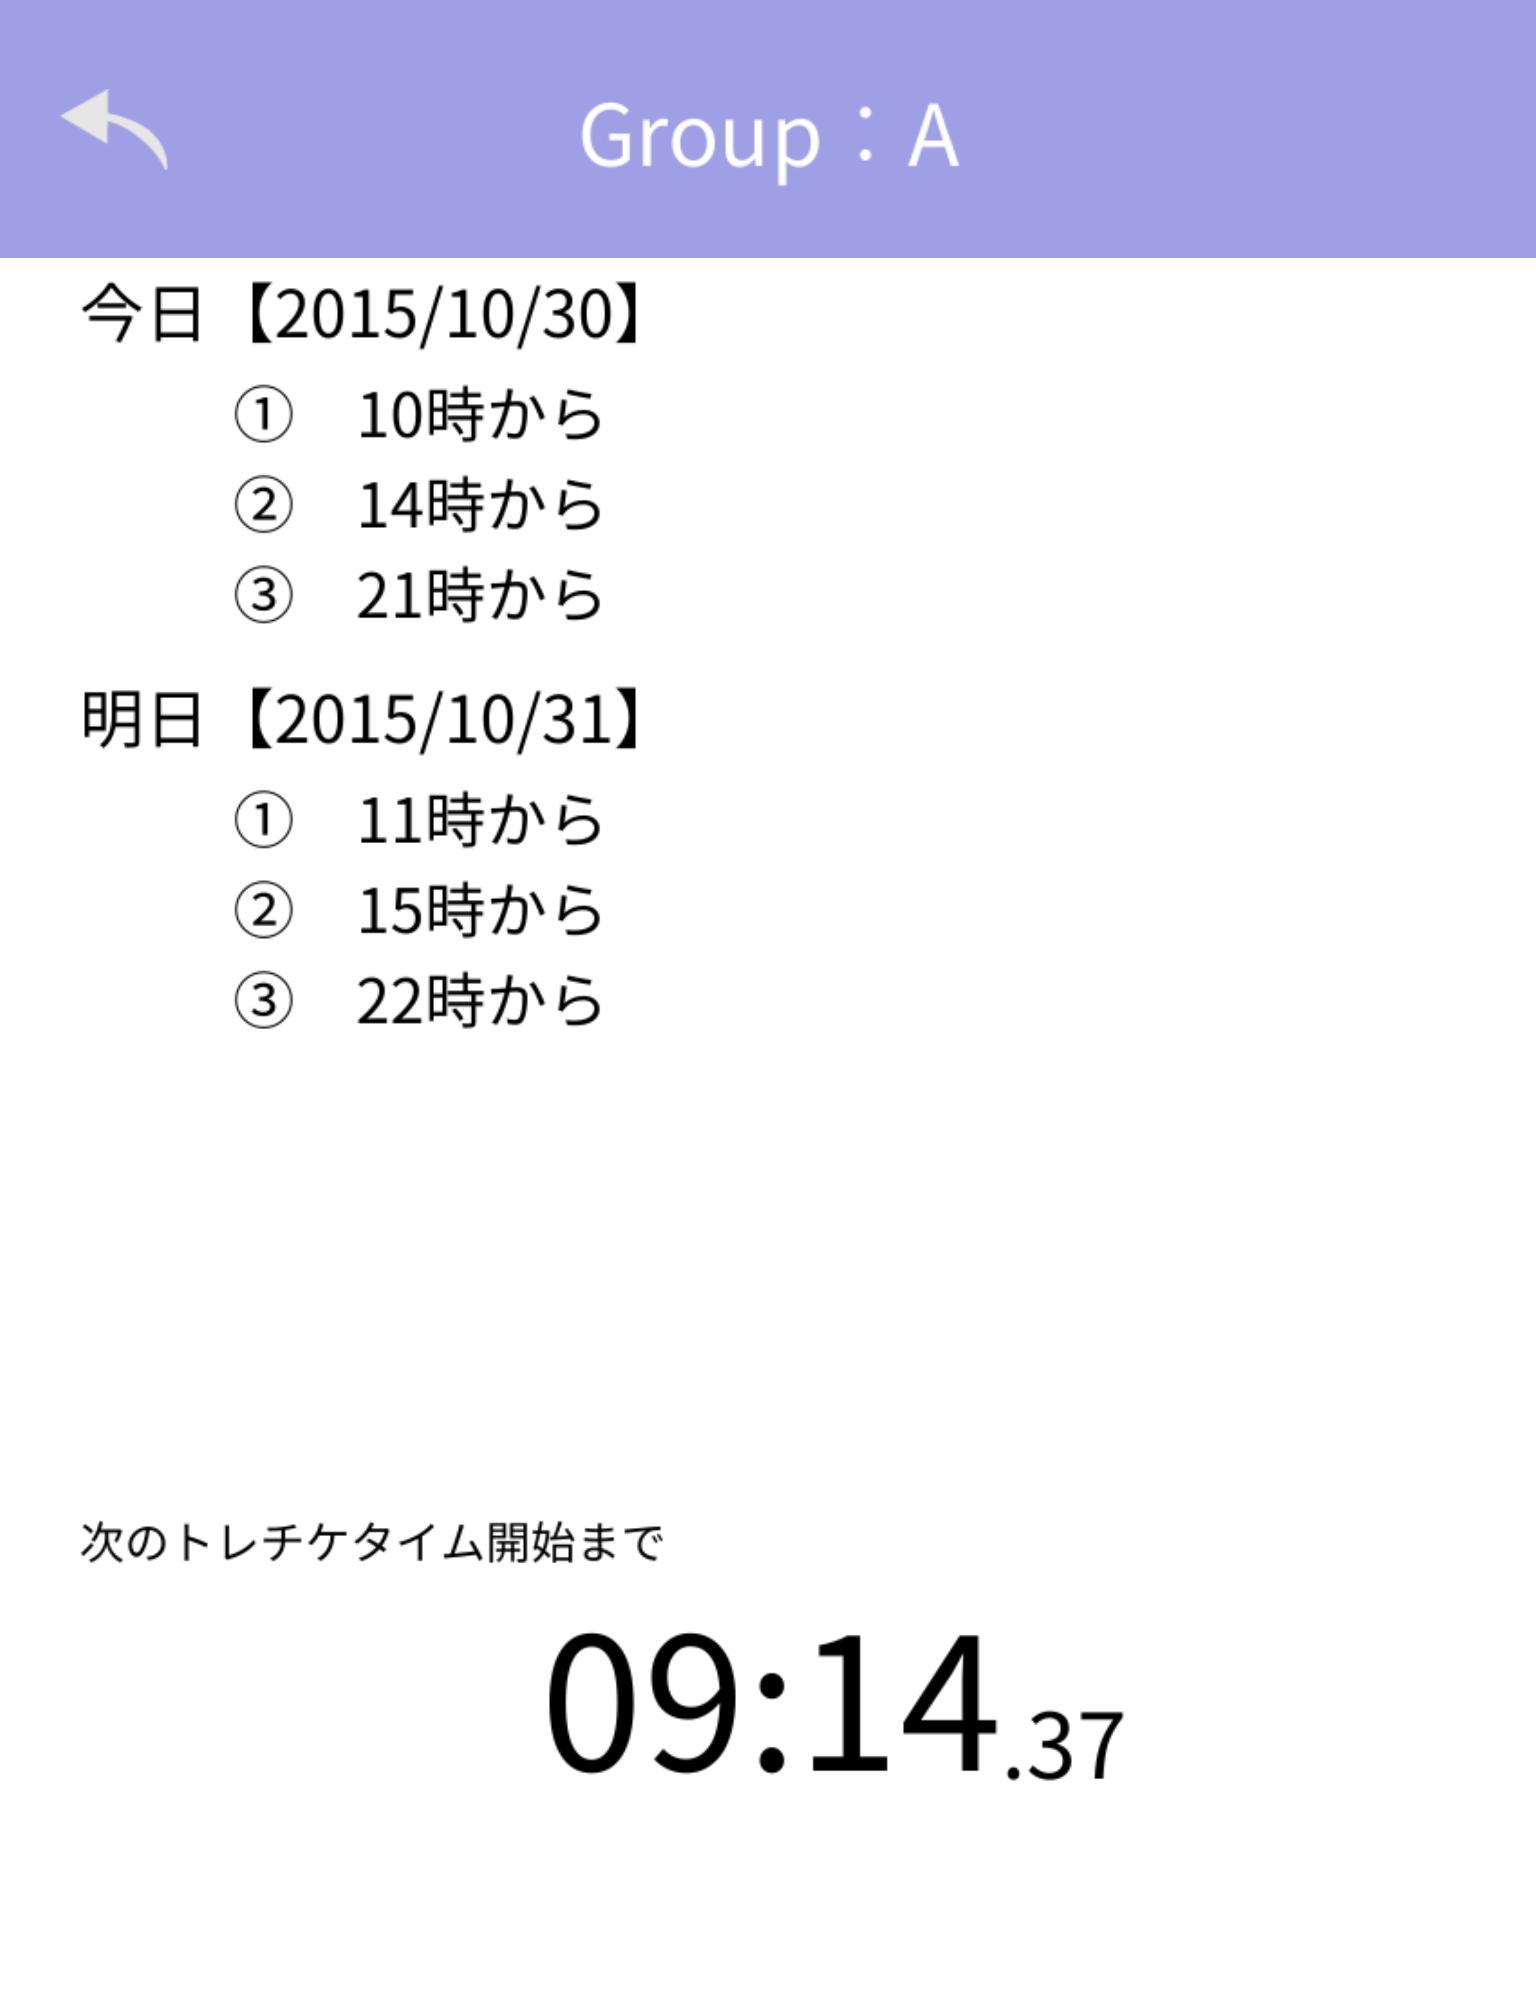 Android 用の トレチケチェッカー For デレステ Apk をダウンロード